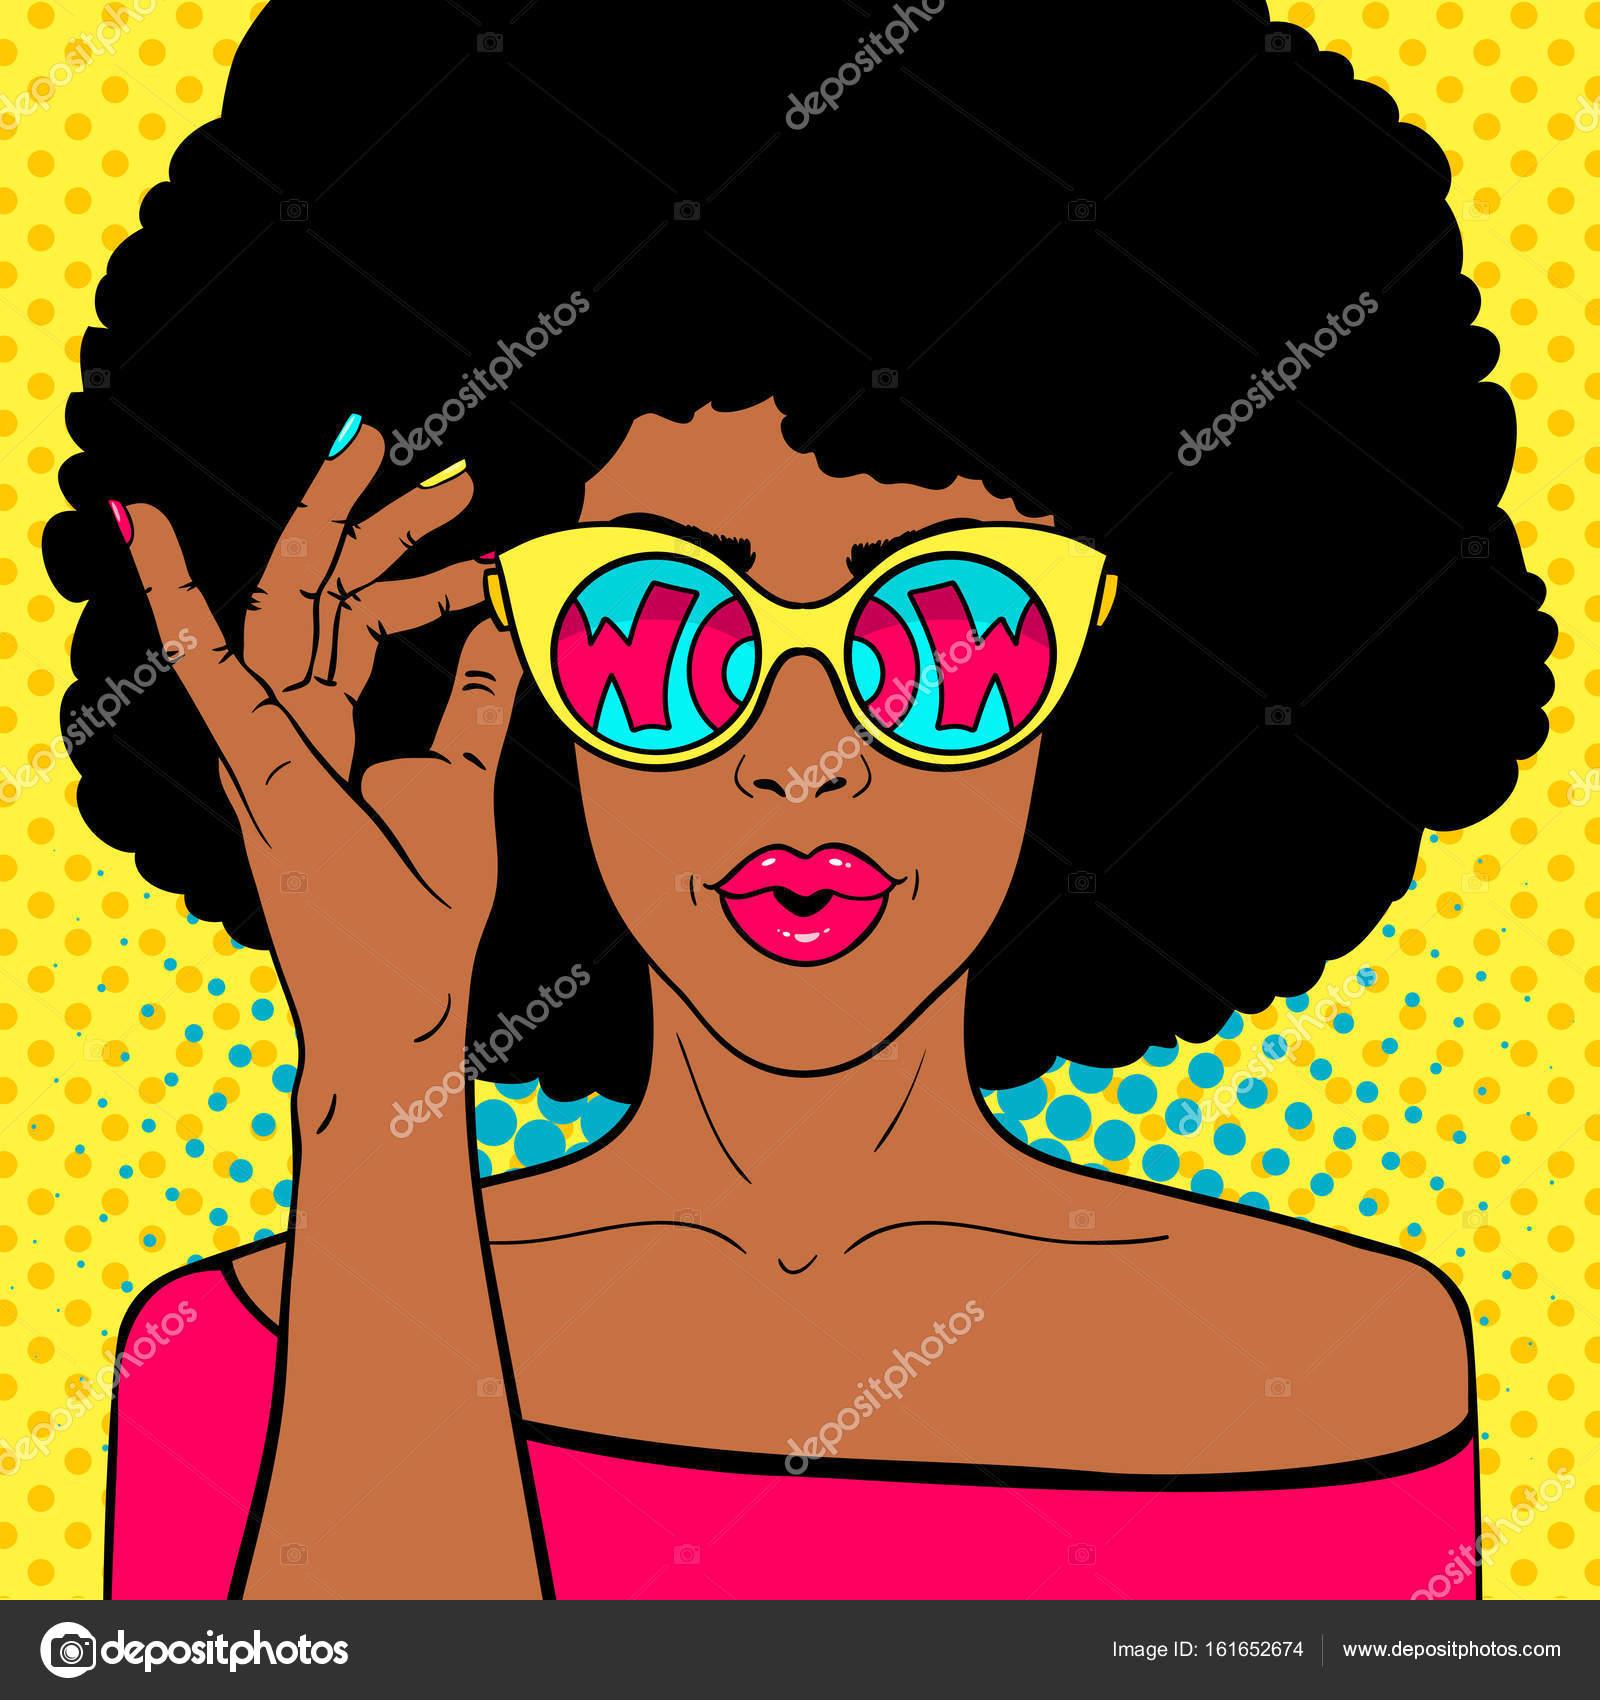 Wow Pop Art Gesicht Sexy überrascht Schwarze Frau Mit Afro Haar Und